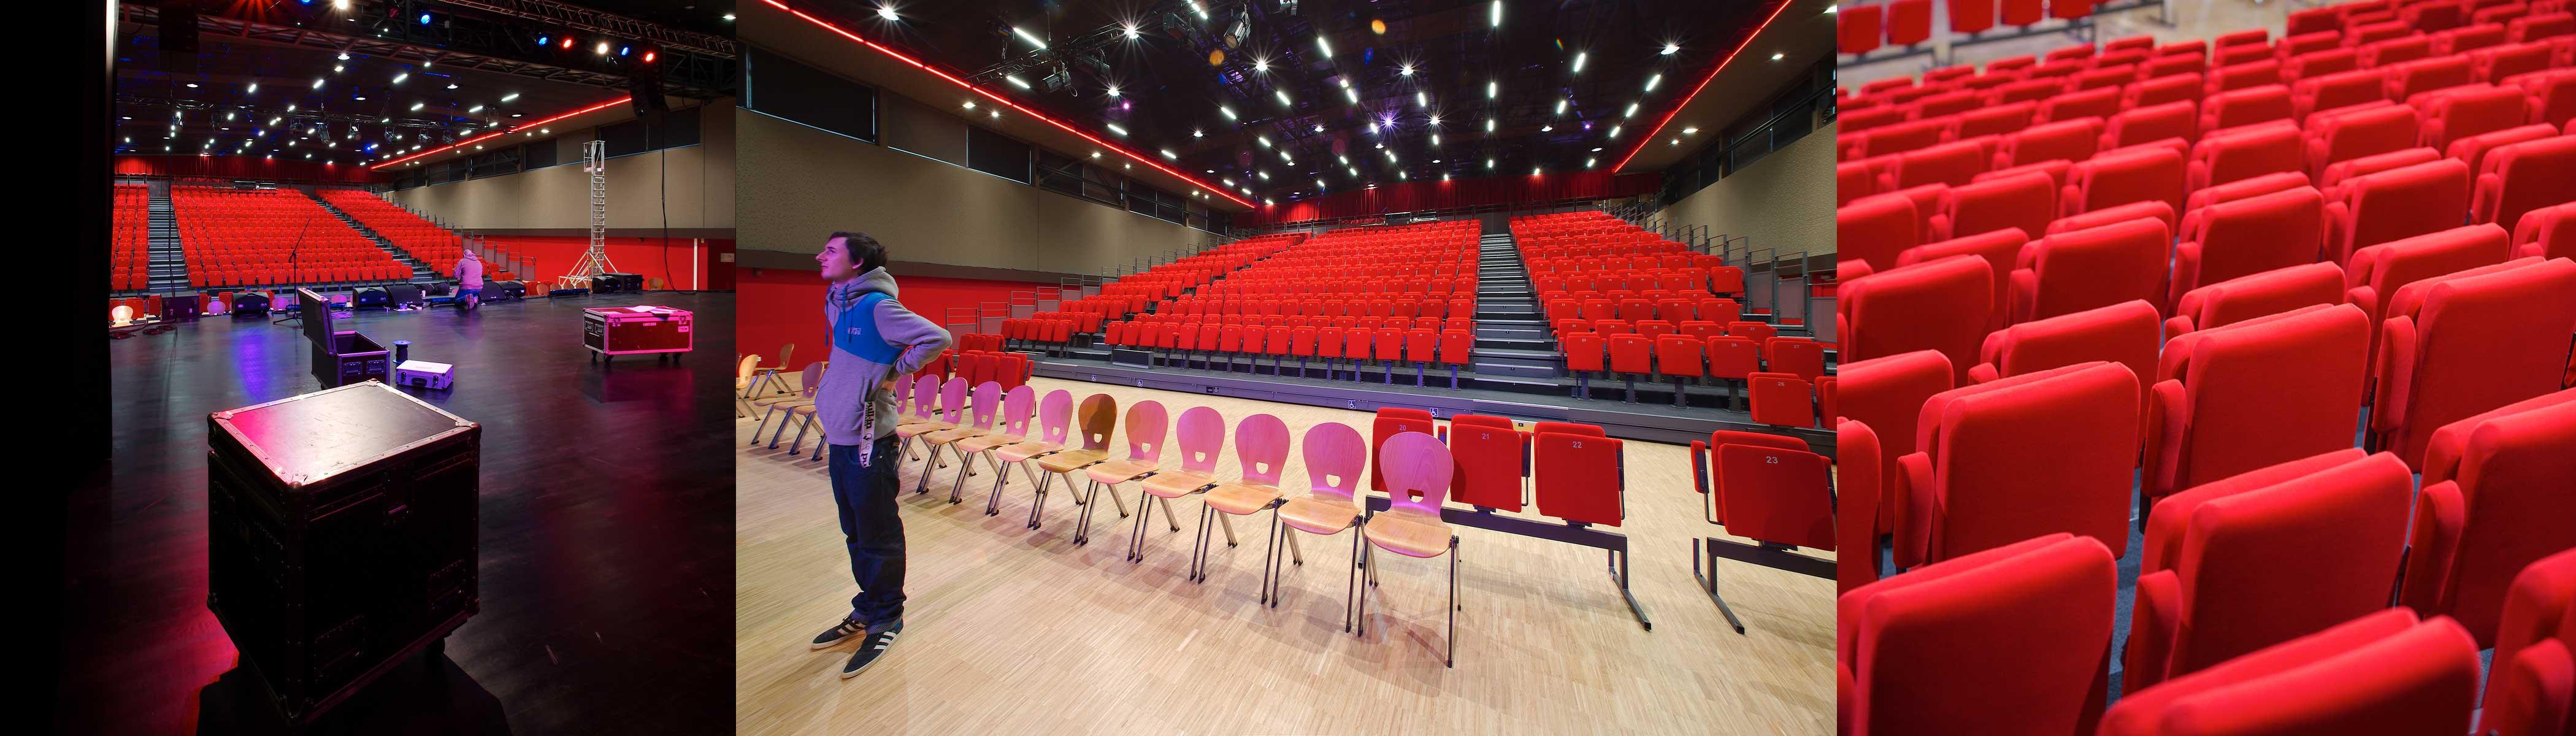 Salle de spectacle triptique